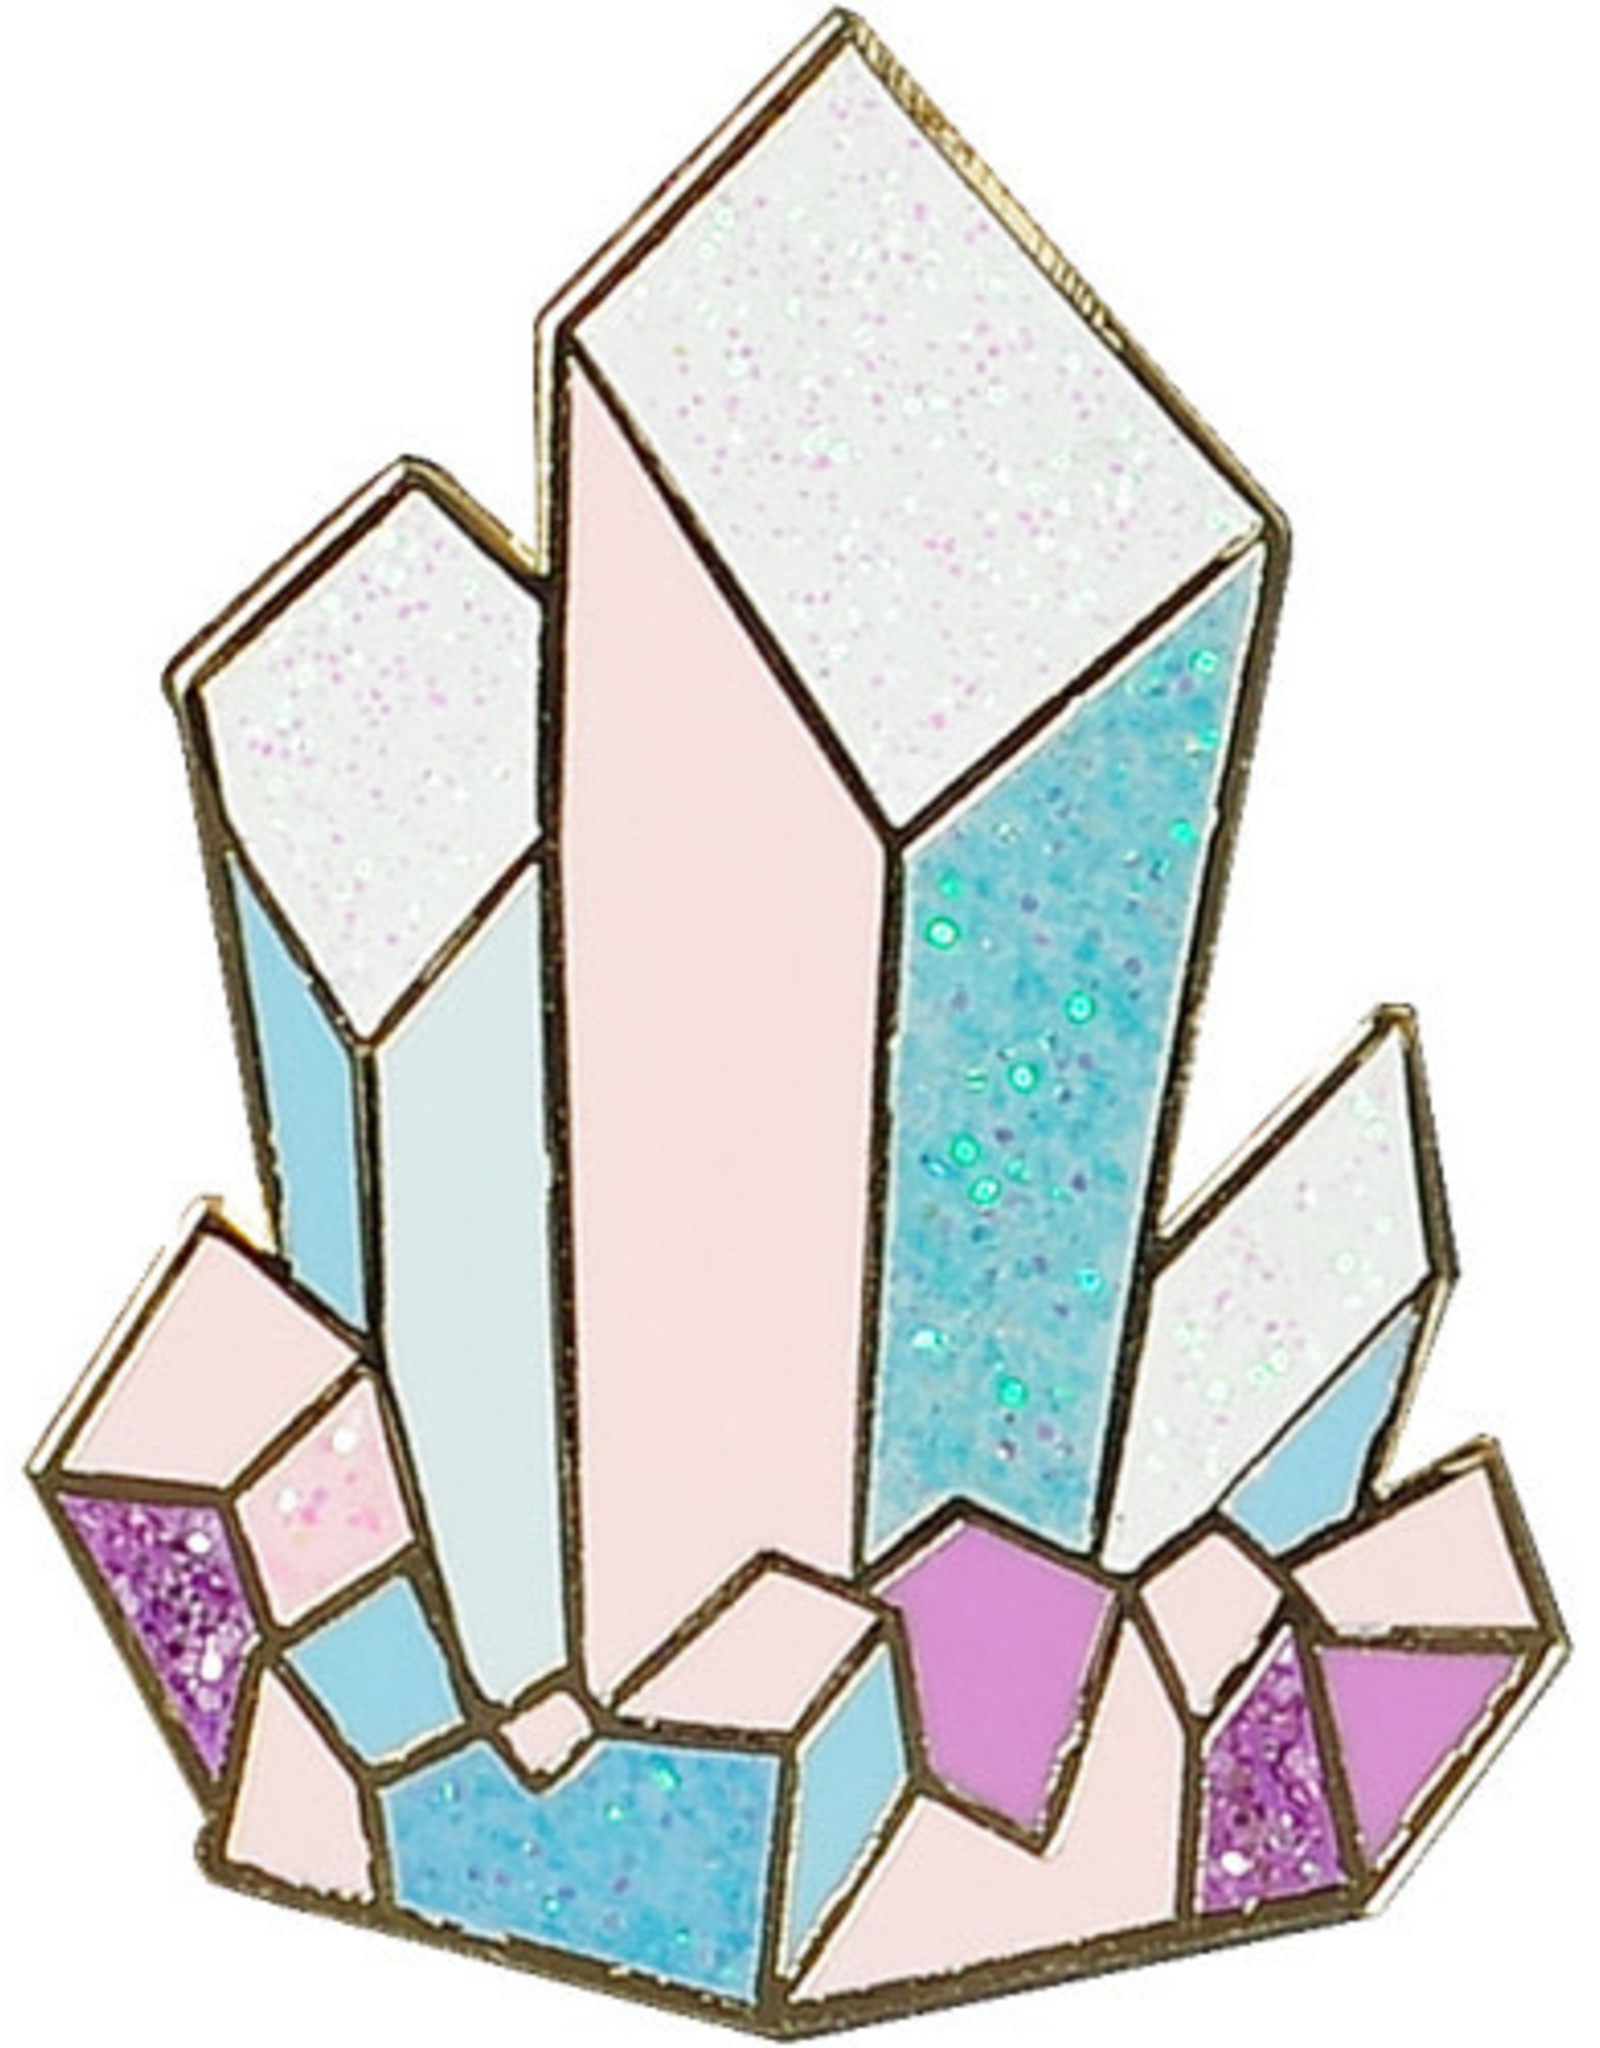 Enamel Pin - Crystals